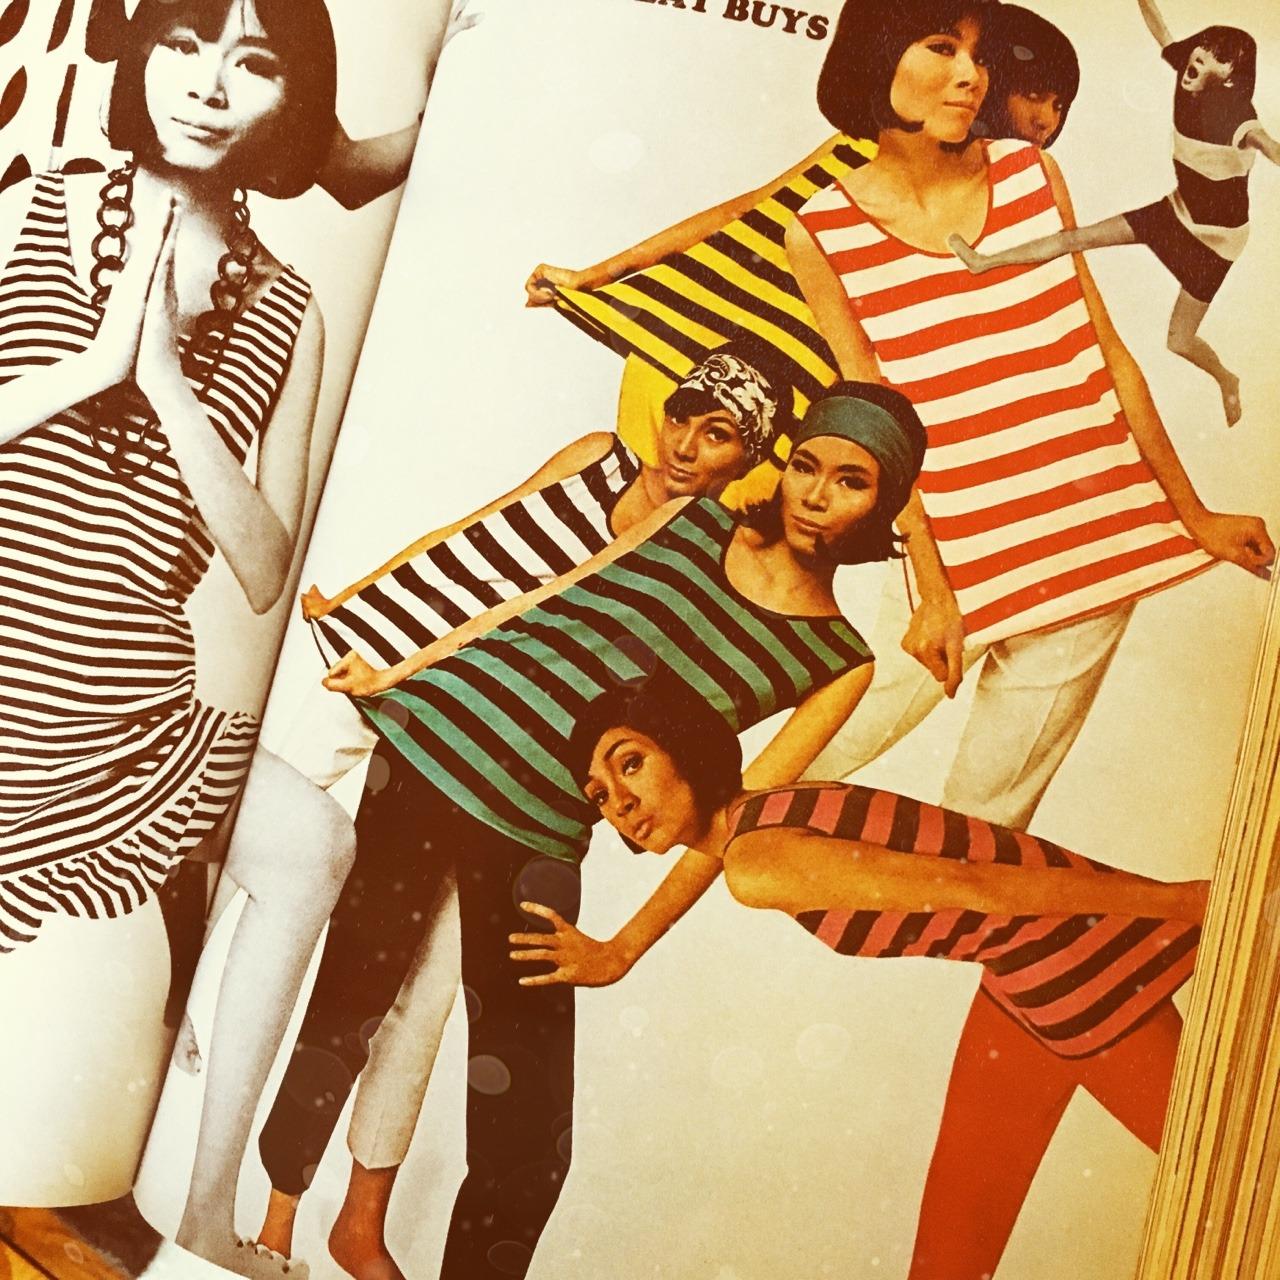 Mademoiselle Magazine. June 1964.